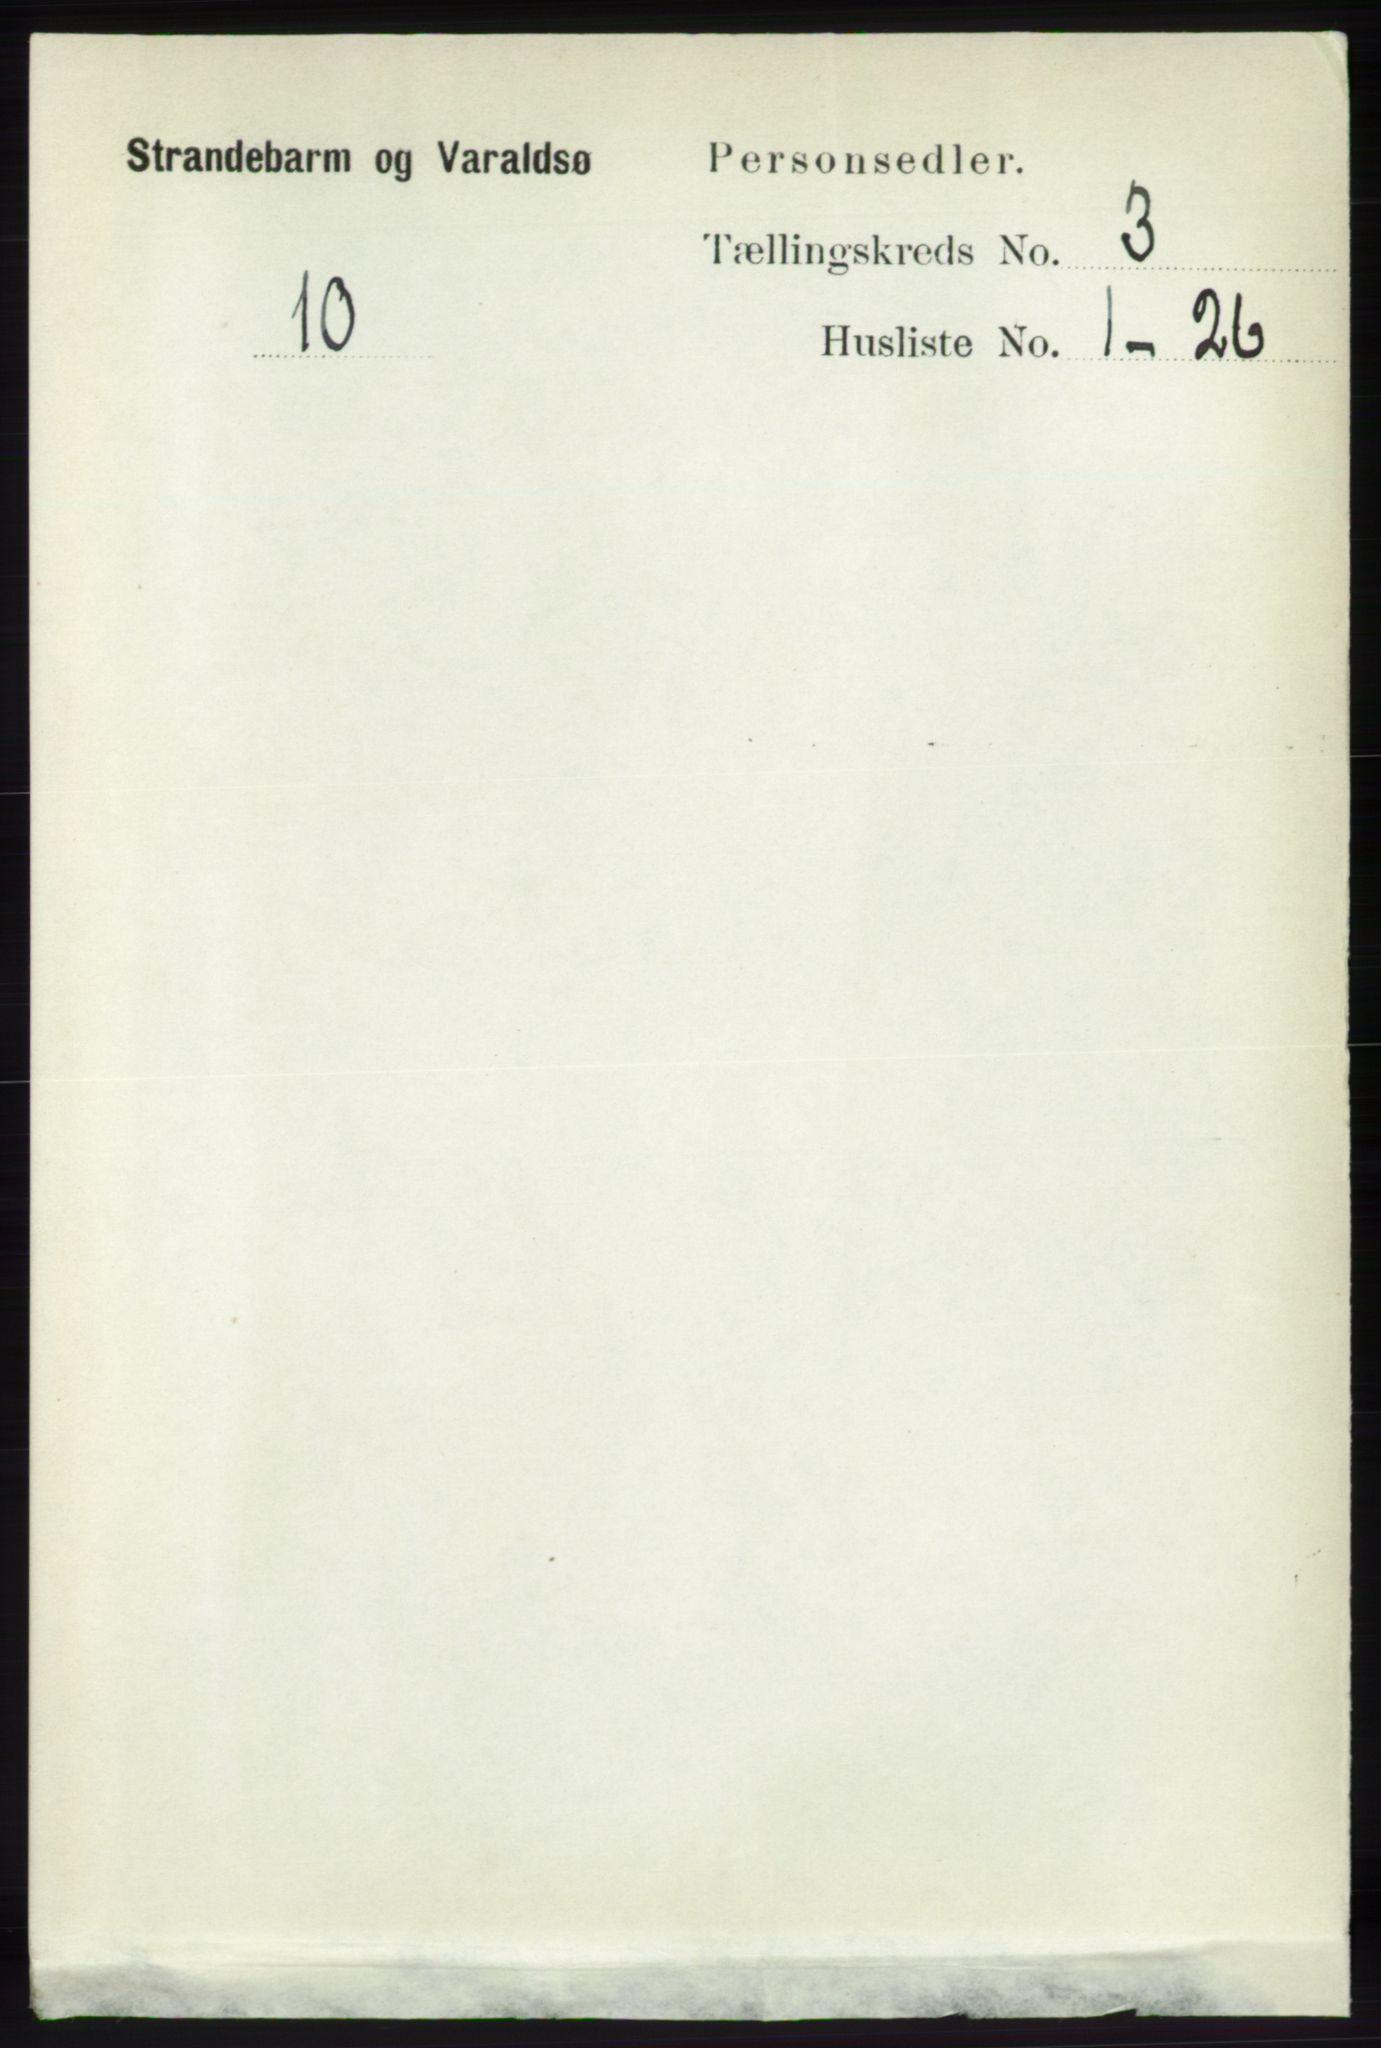 RA, Folketelling 1891 for 1226 Strandebarm og Varaldsøy herred, 1891, s. 1085